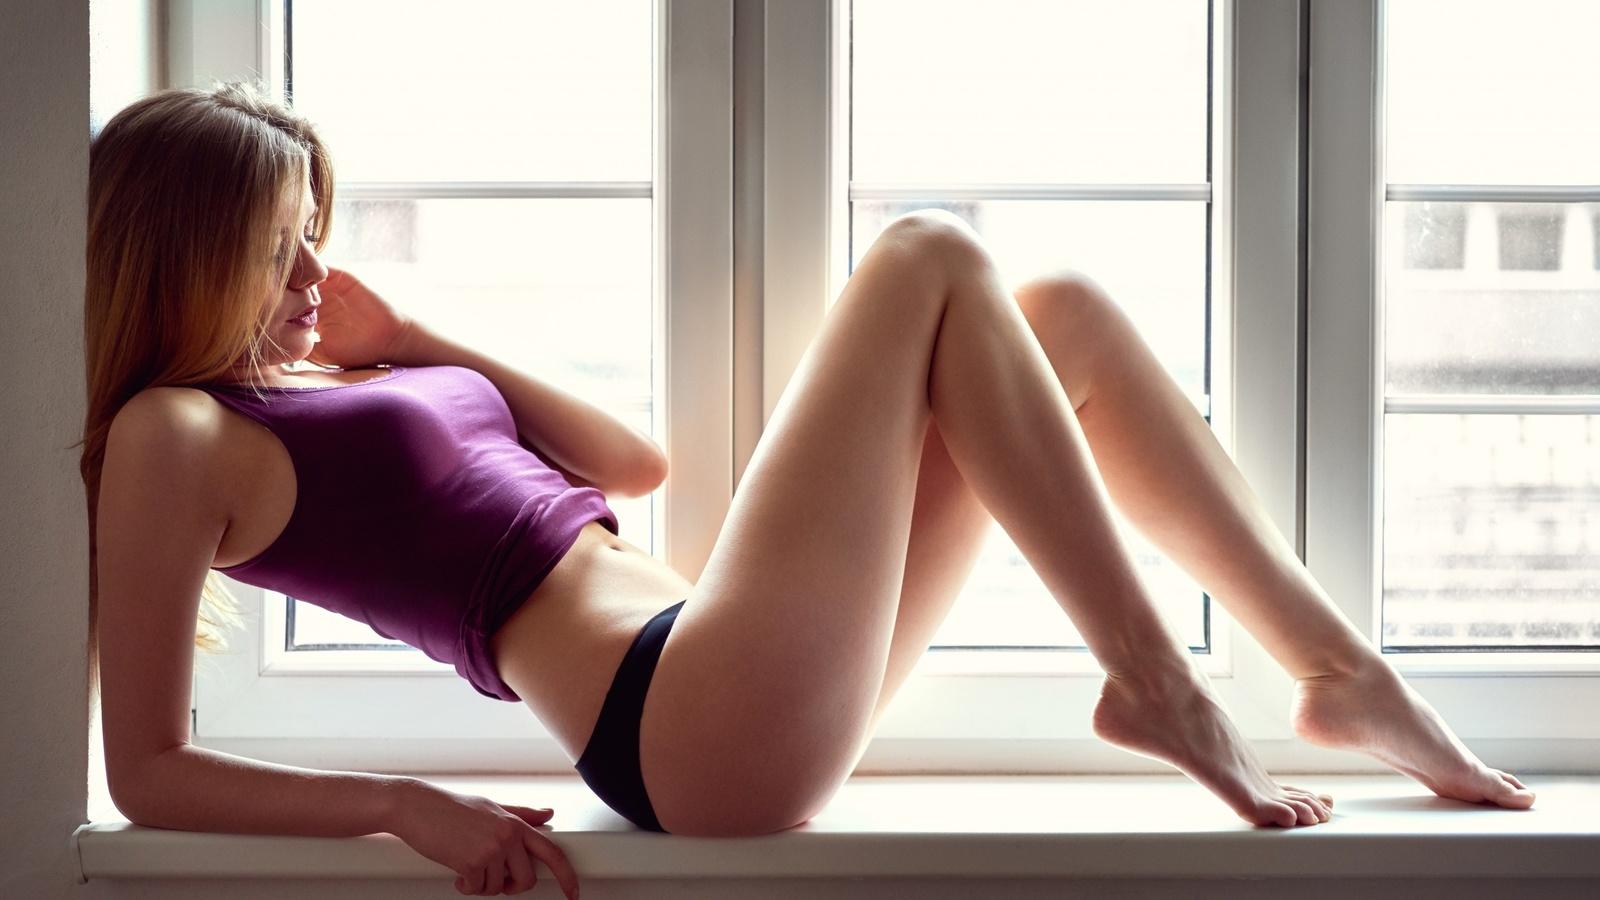 Фото девочка раздвинула попу, Девушки раздвигают попку частное фото - Частное секс 23 фотография